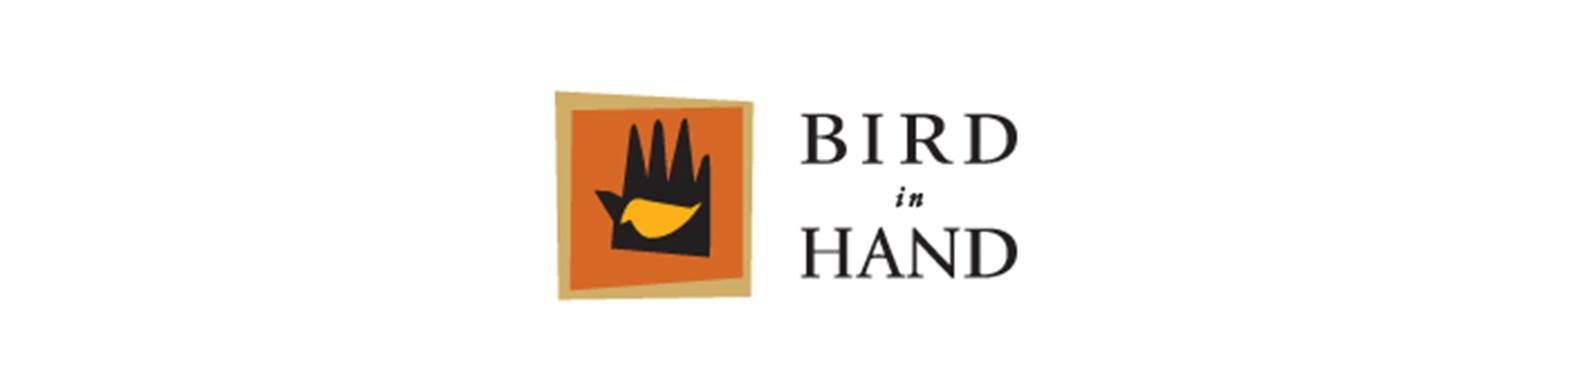 blog-du-vin.fr- vin australien bird in hand